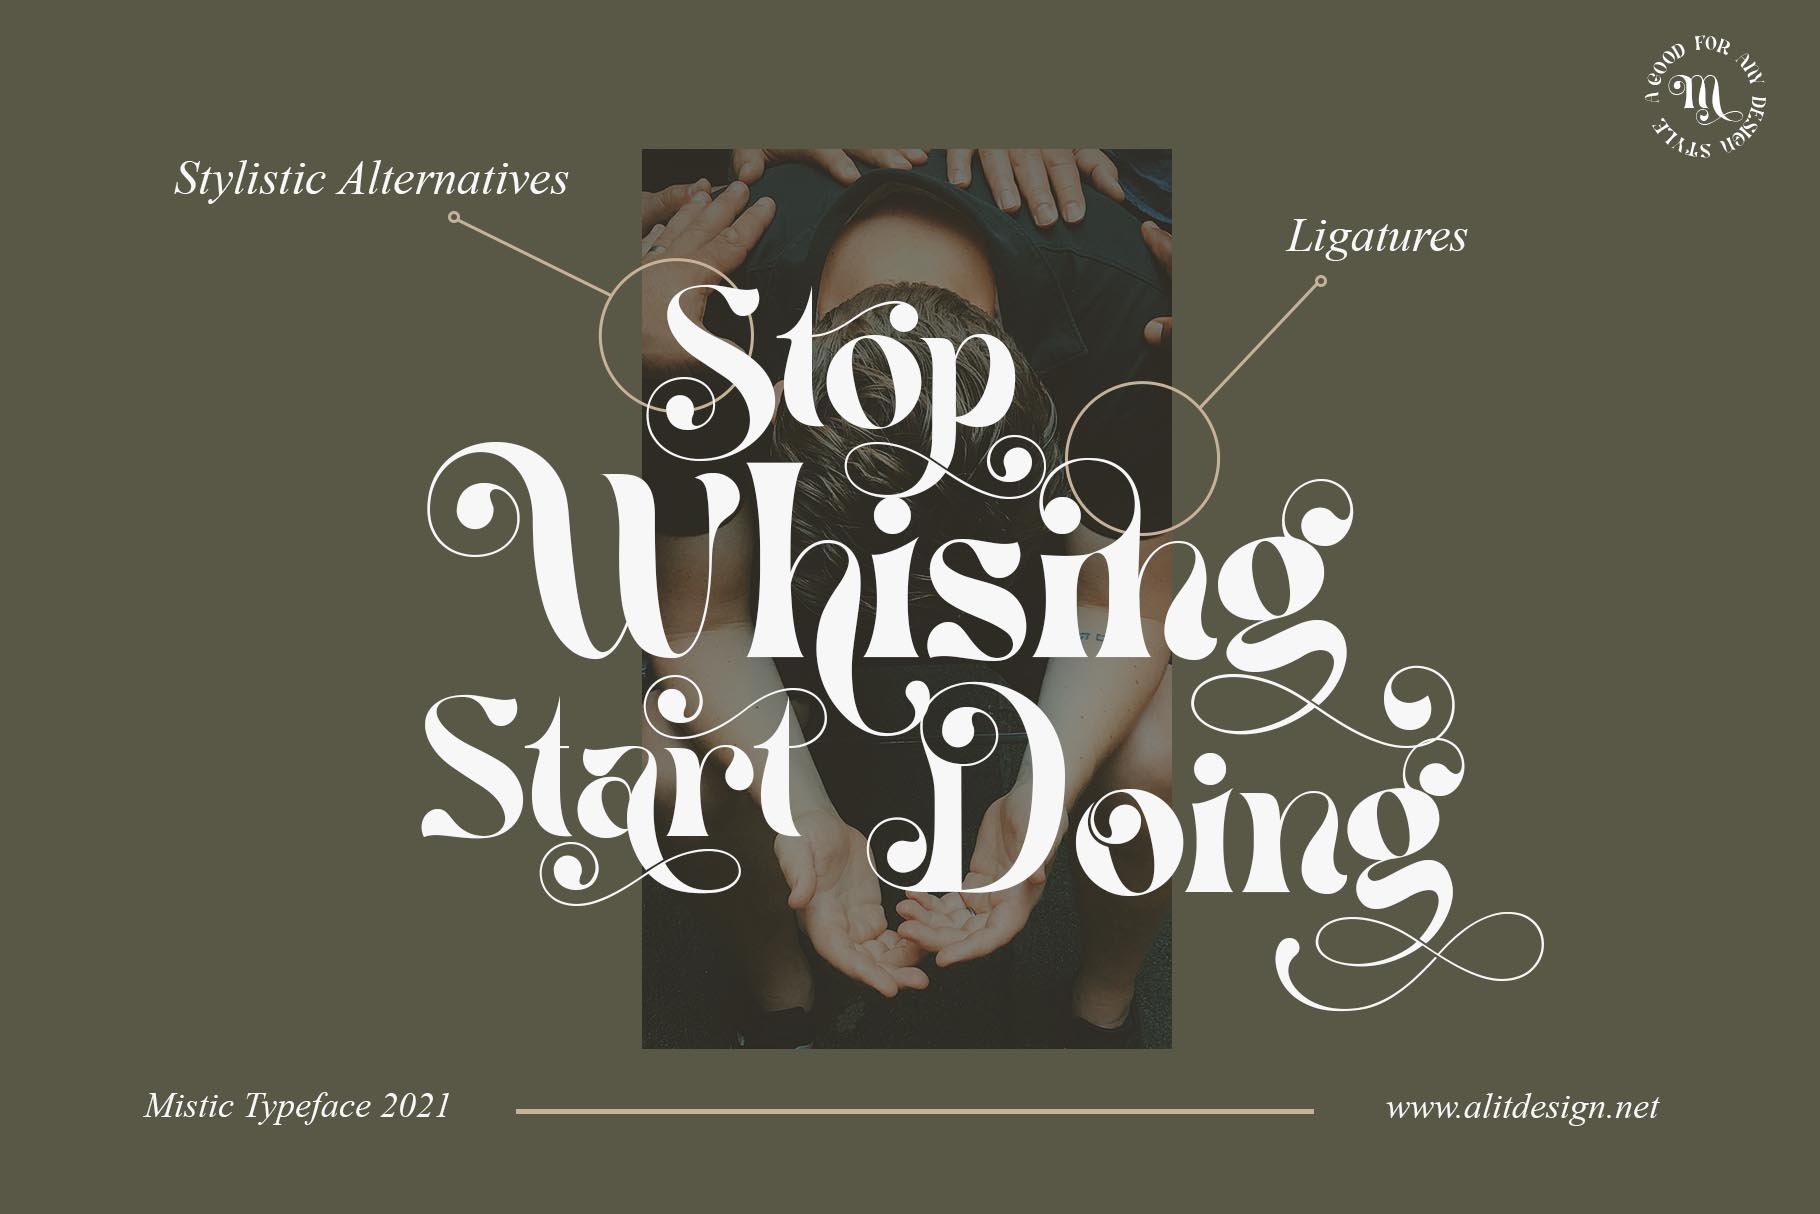 现代优雅杂志海报标题Logo设计衬线英文字体素材 Mistic Typeface插图5